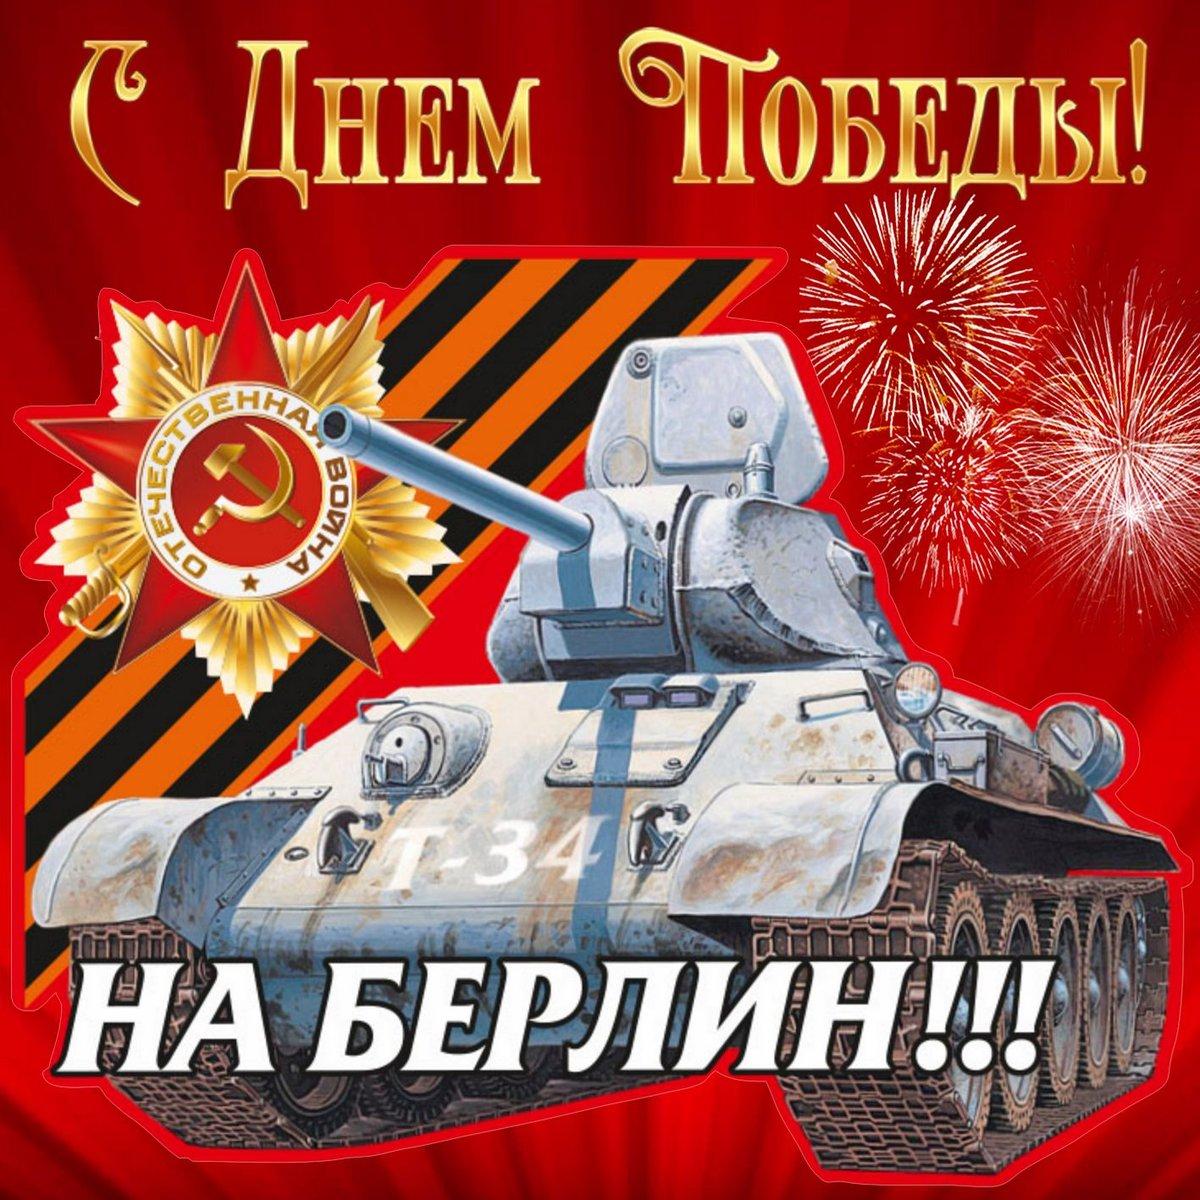 открытка день победы танки